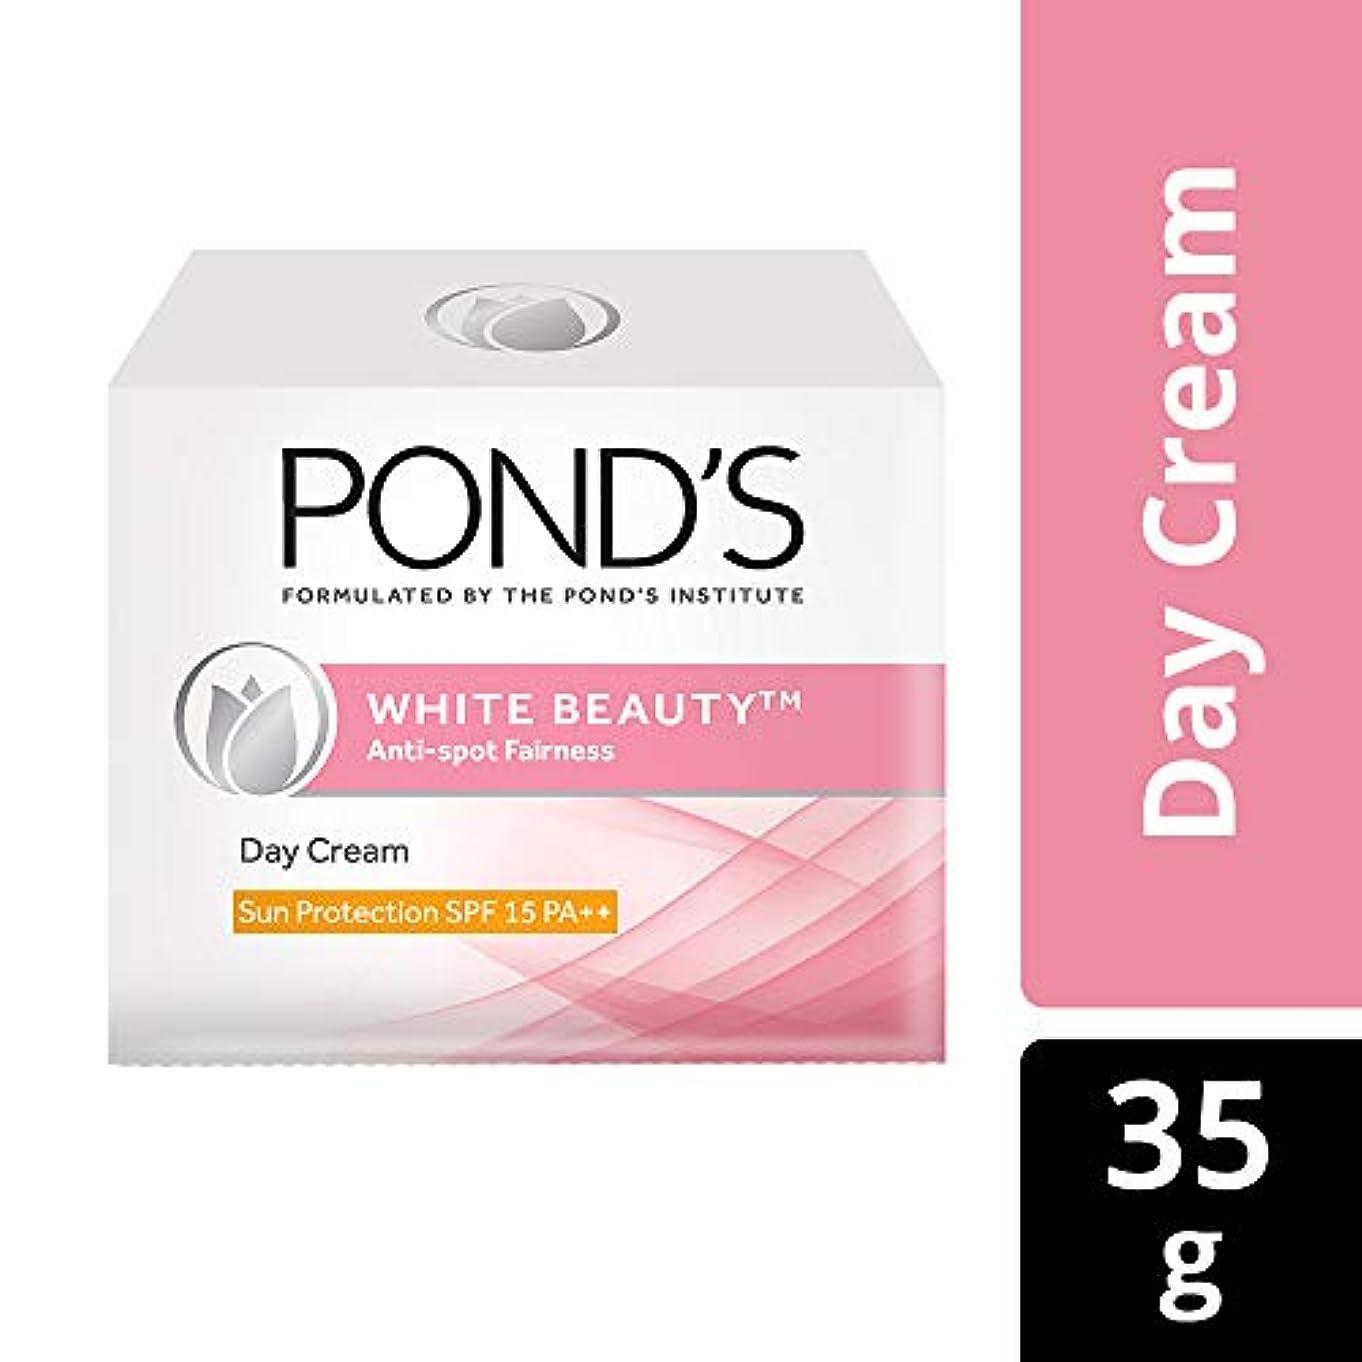 フックあいさつ狂気Pond's White Beauty Anti Spot Fairness SPF 15 Day Cream, 35g